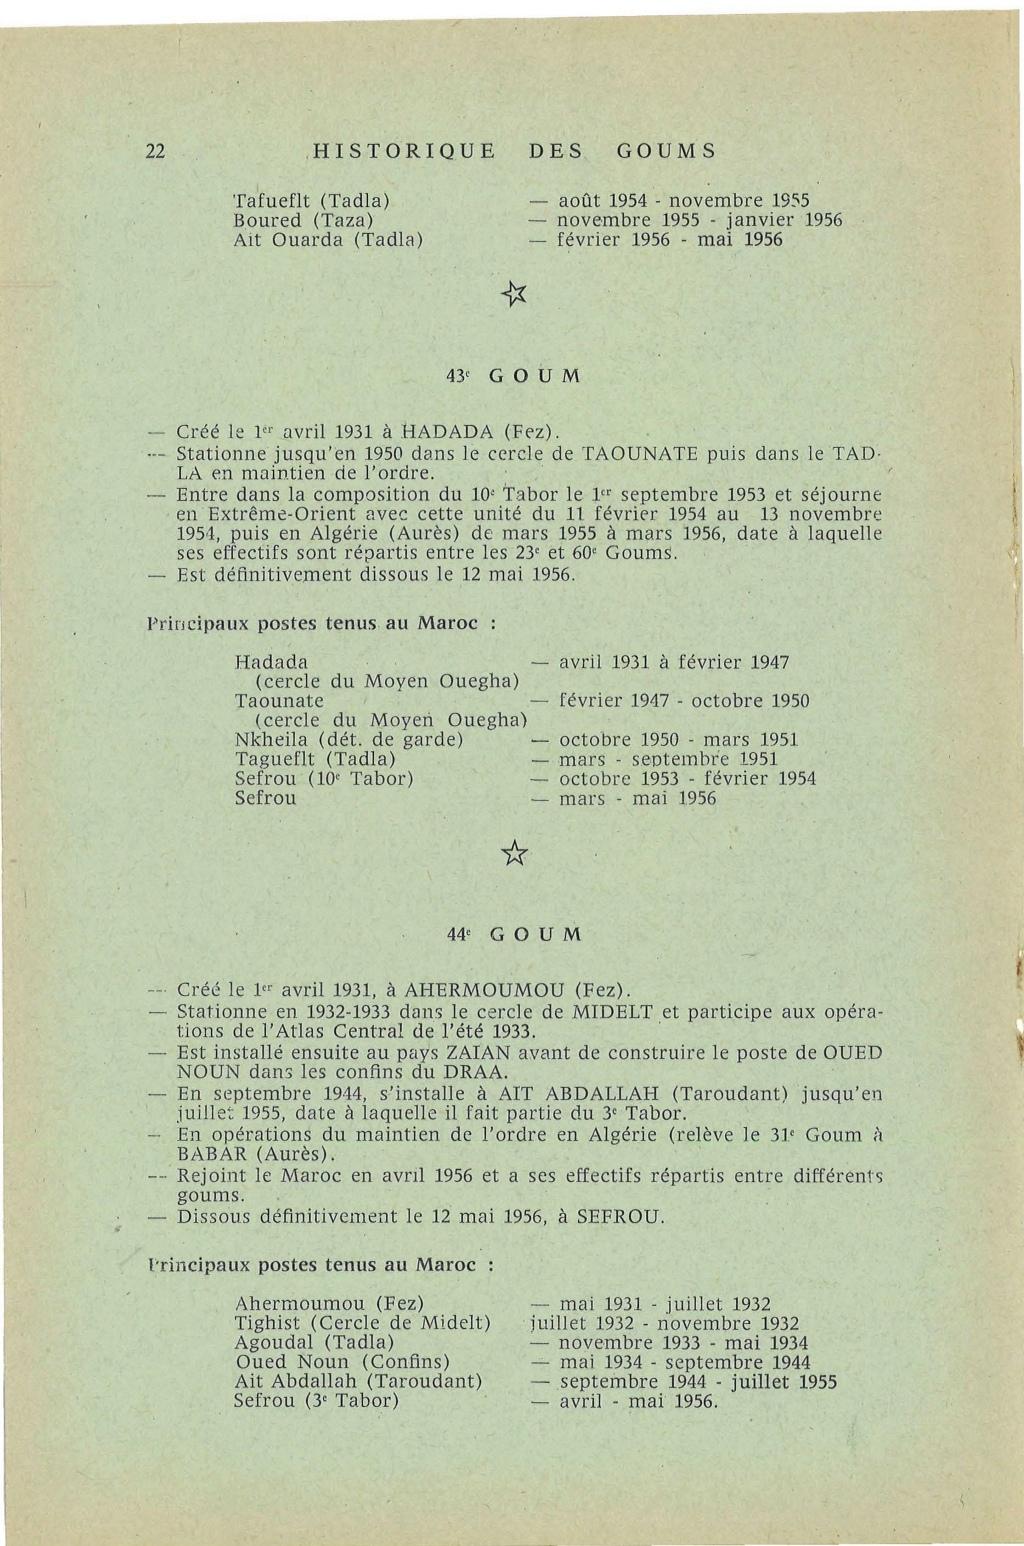 12 mai 1956 - Dissolution des Goumiers & integration aux FAR La_kou29